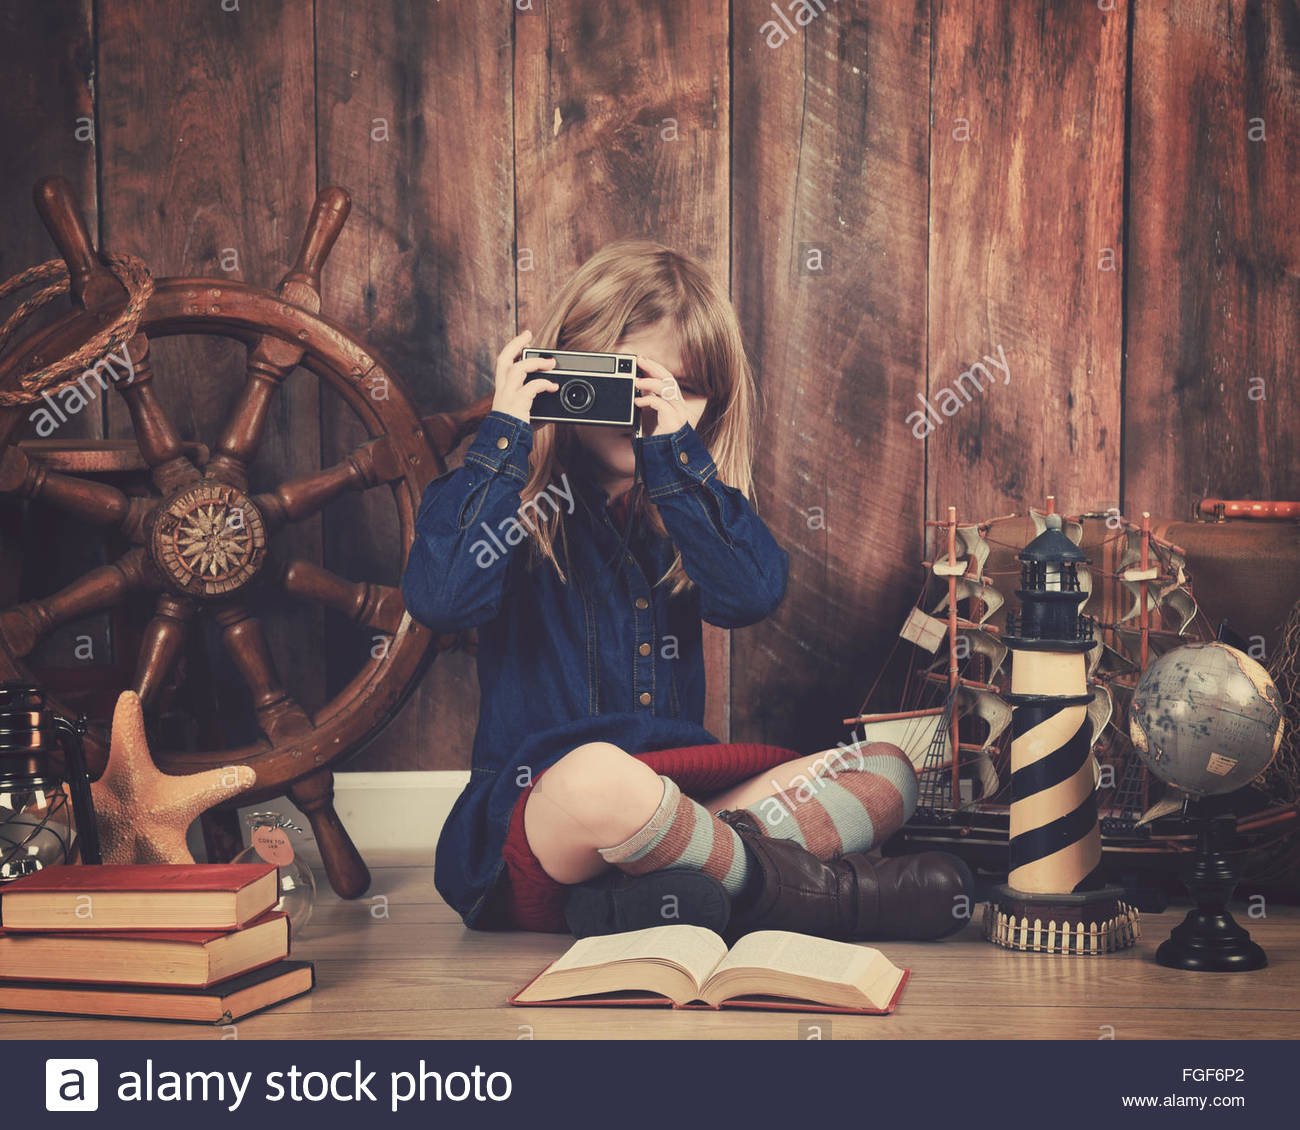 Un niño es la celebración de una vieja cámara retro con desplazamiento de objetos en el fondo de Imagen De Stock